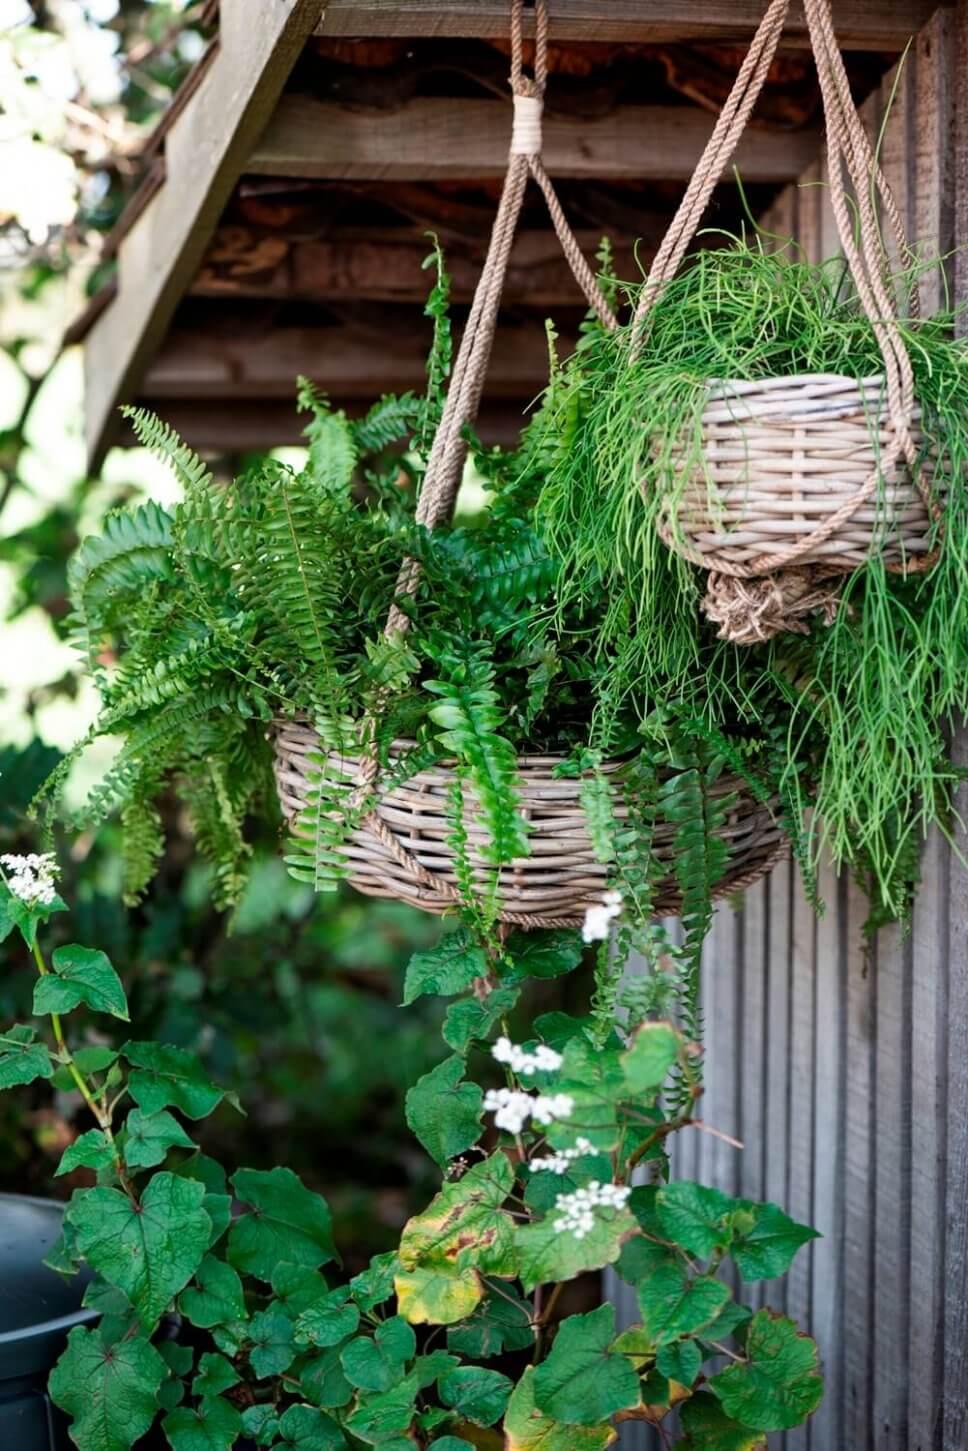 Bepflanzte Blumenampeln in Körben vor schwarzer Holzwand